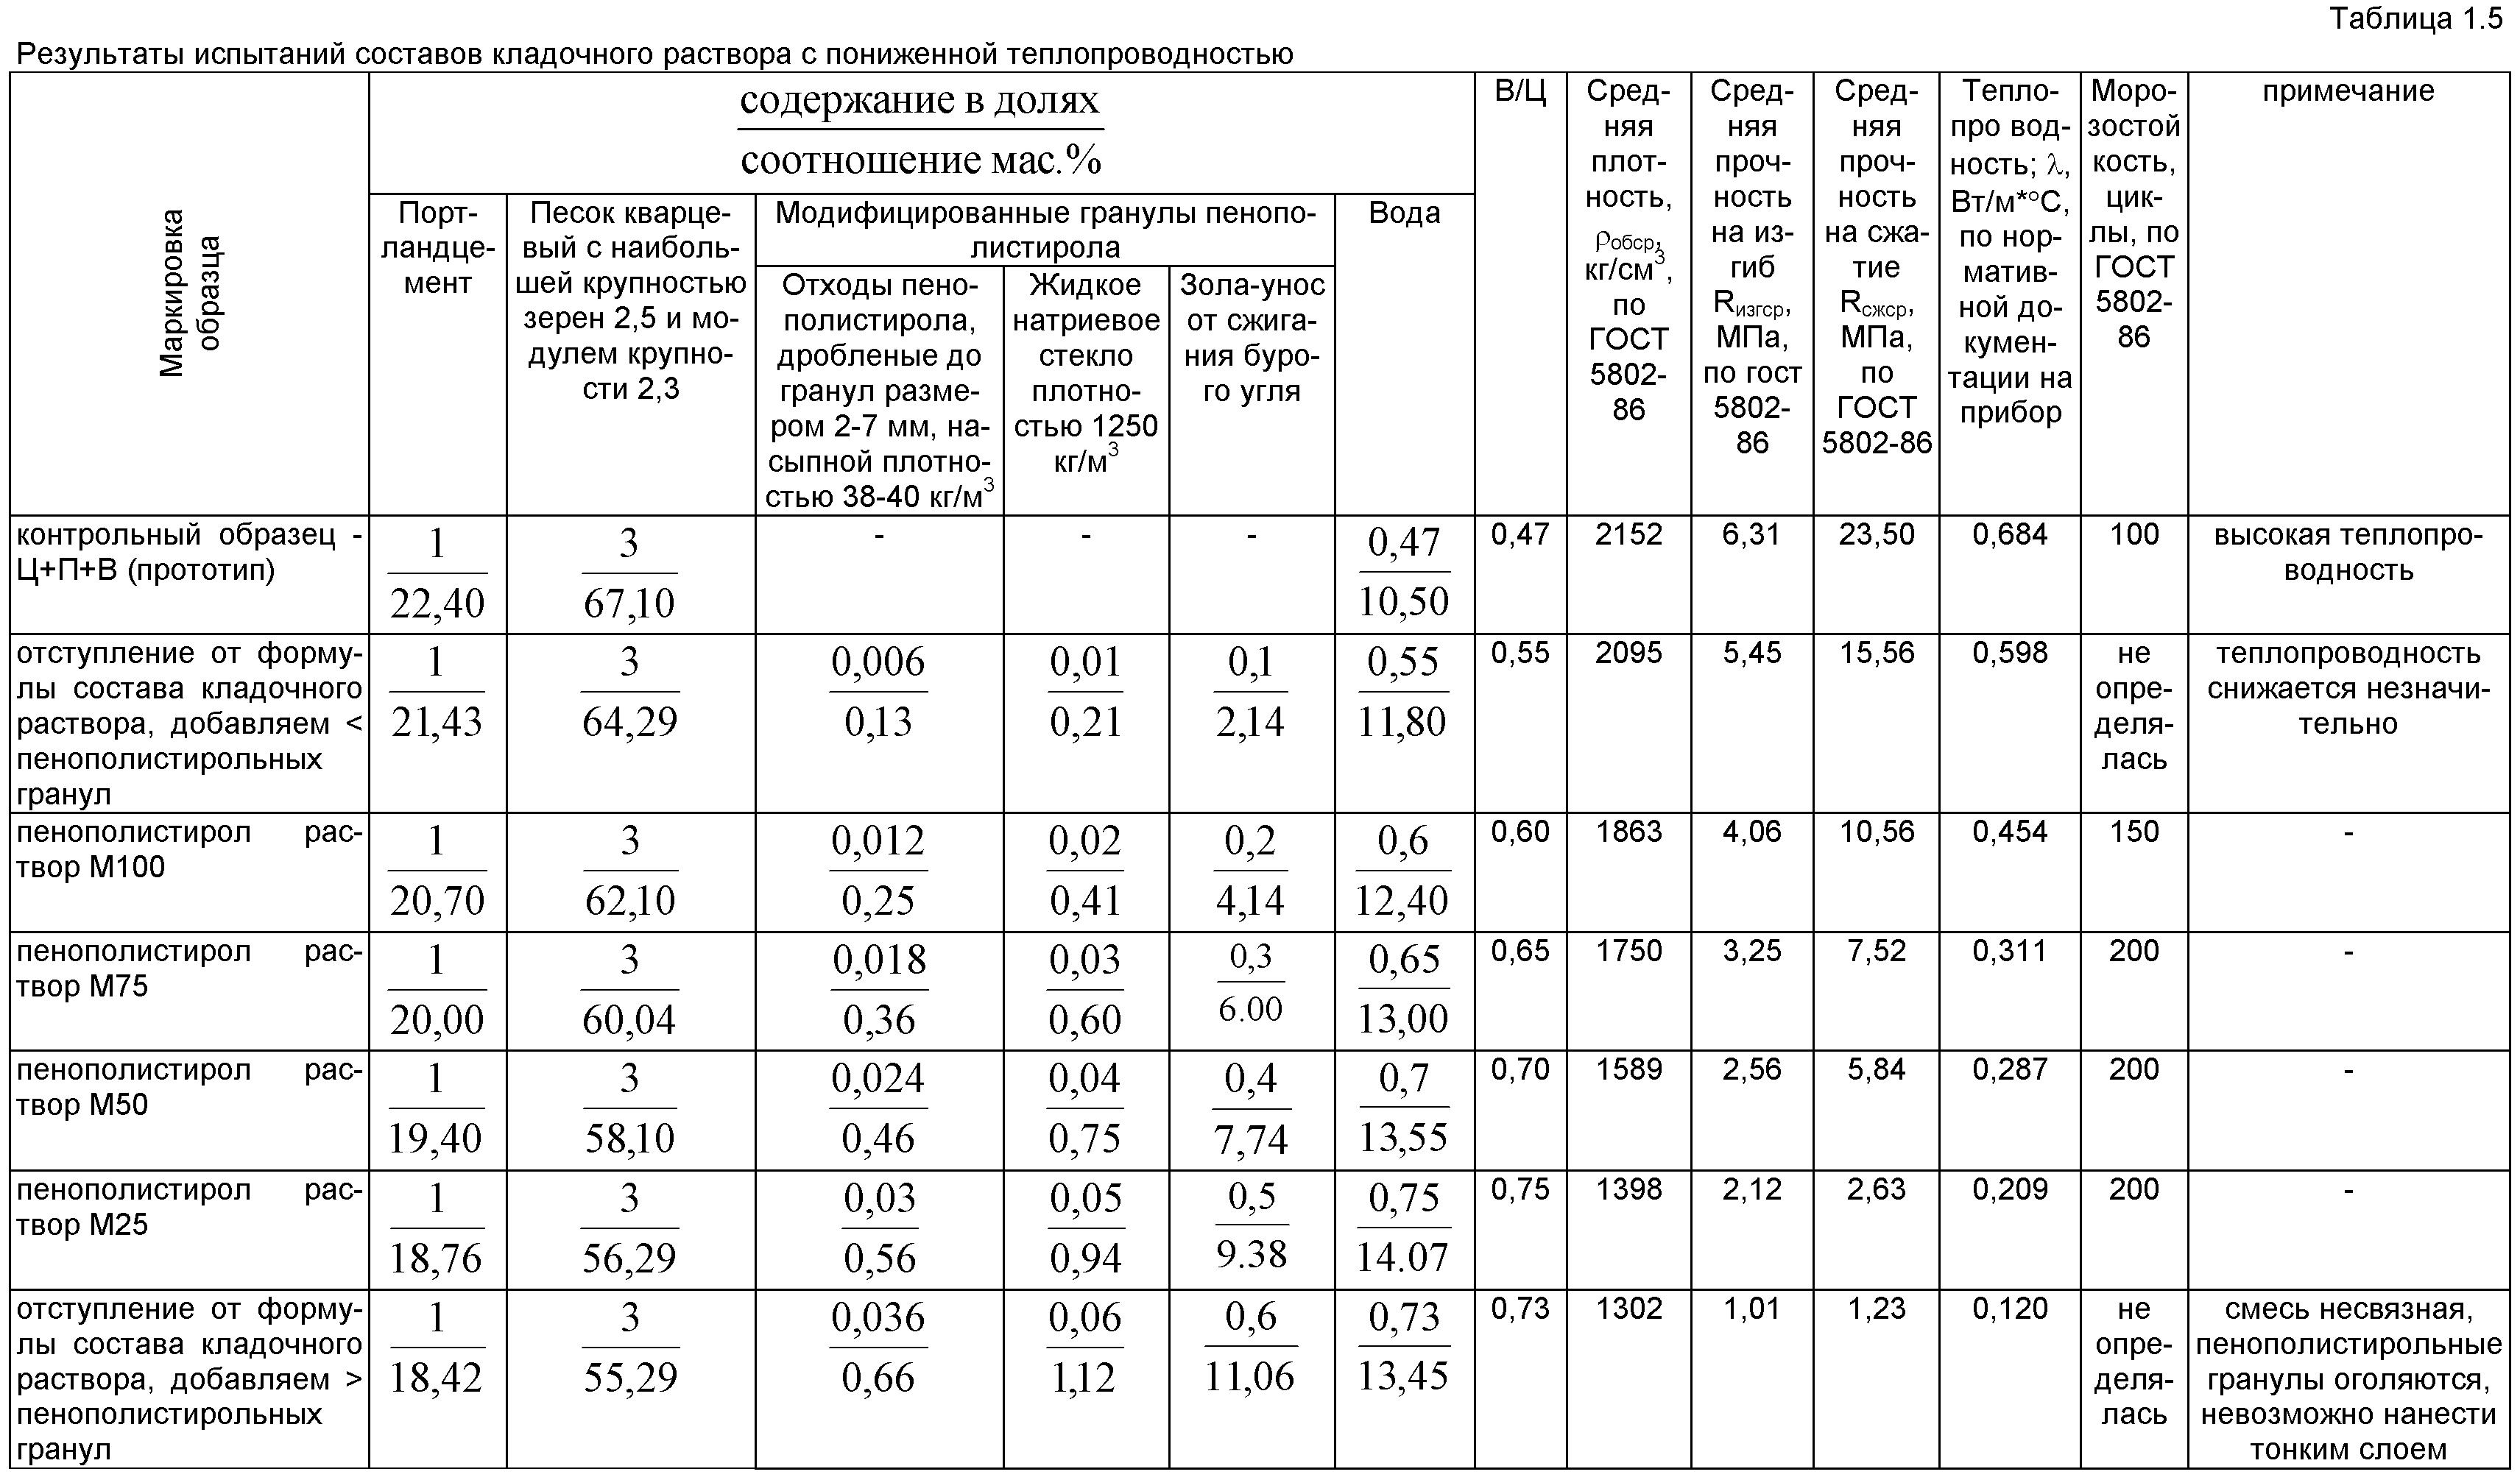 раствор м50 средняя плотность